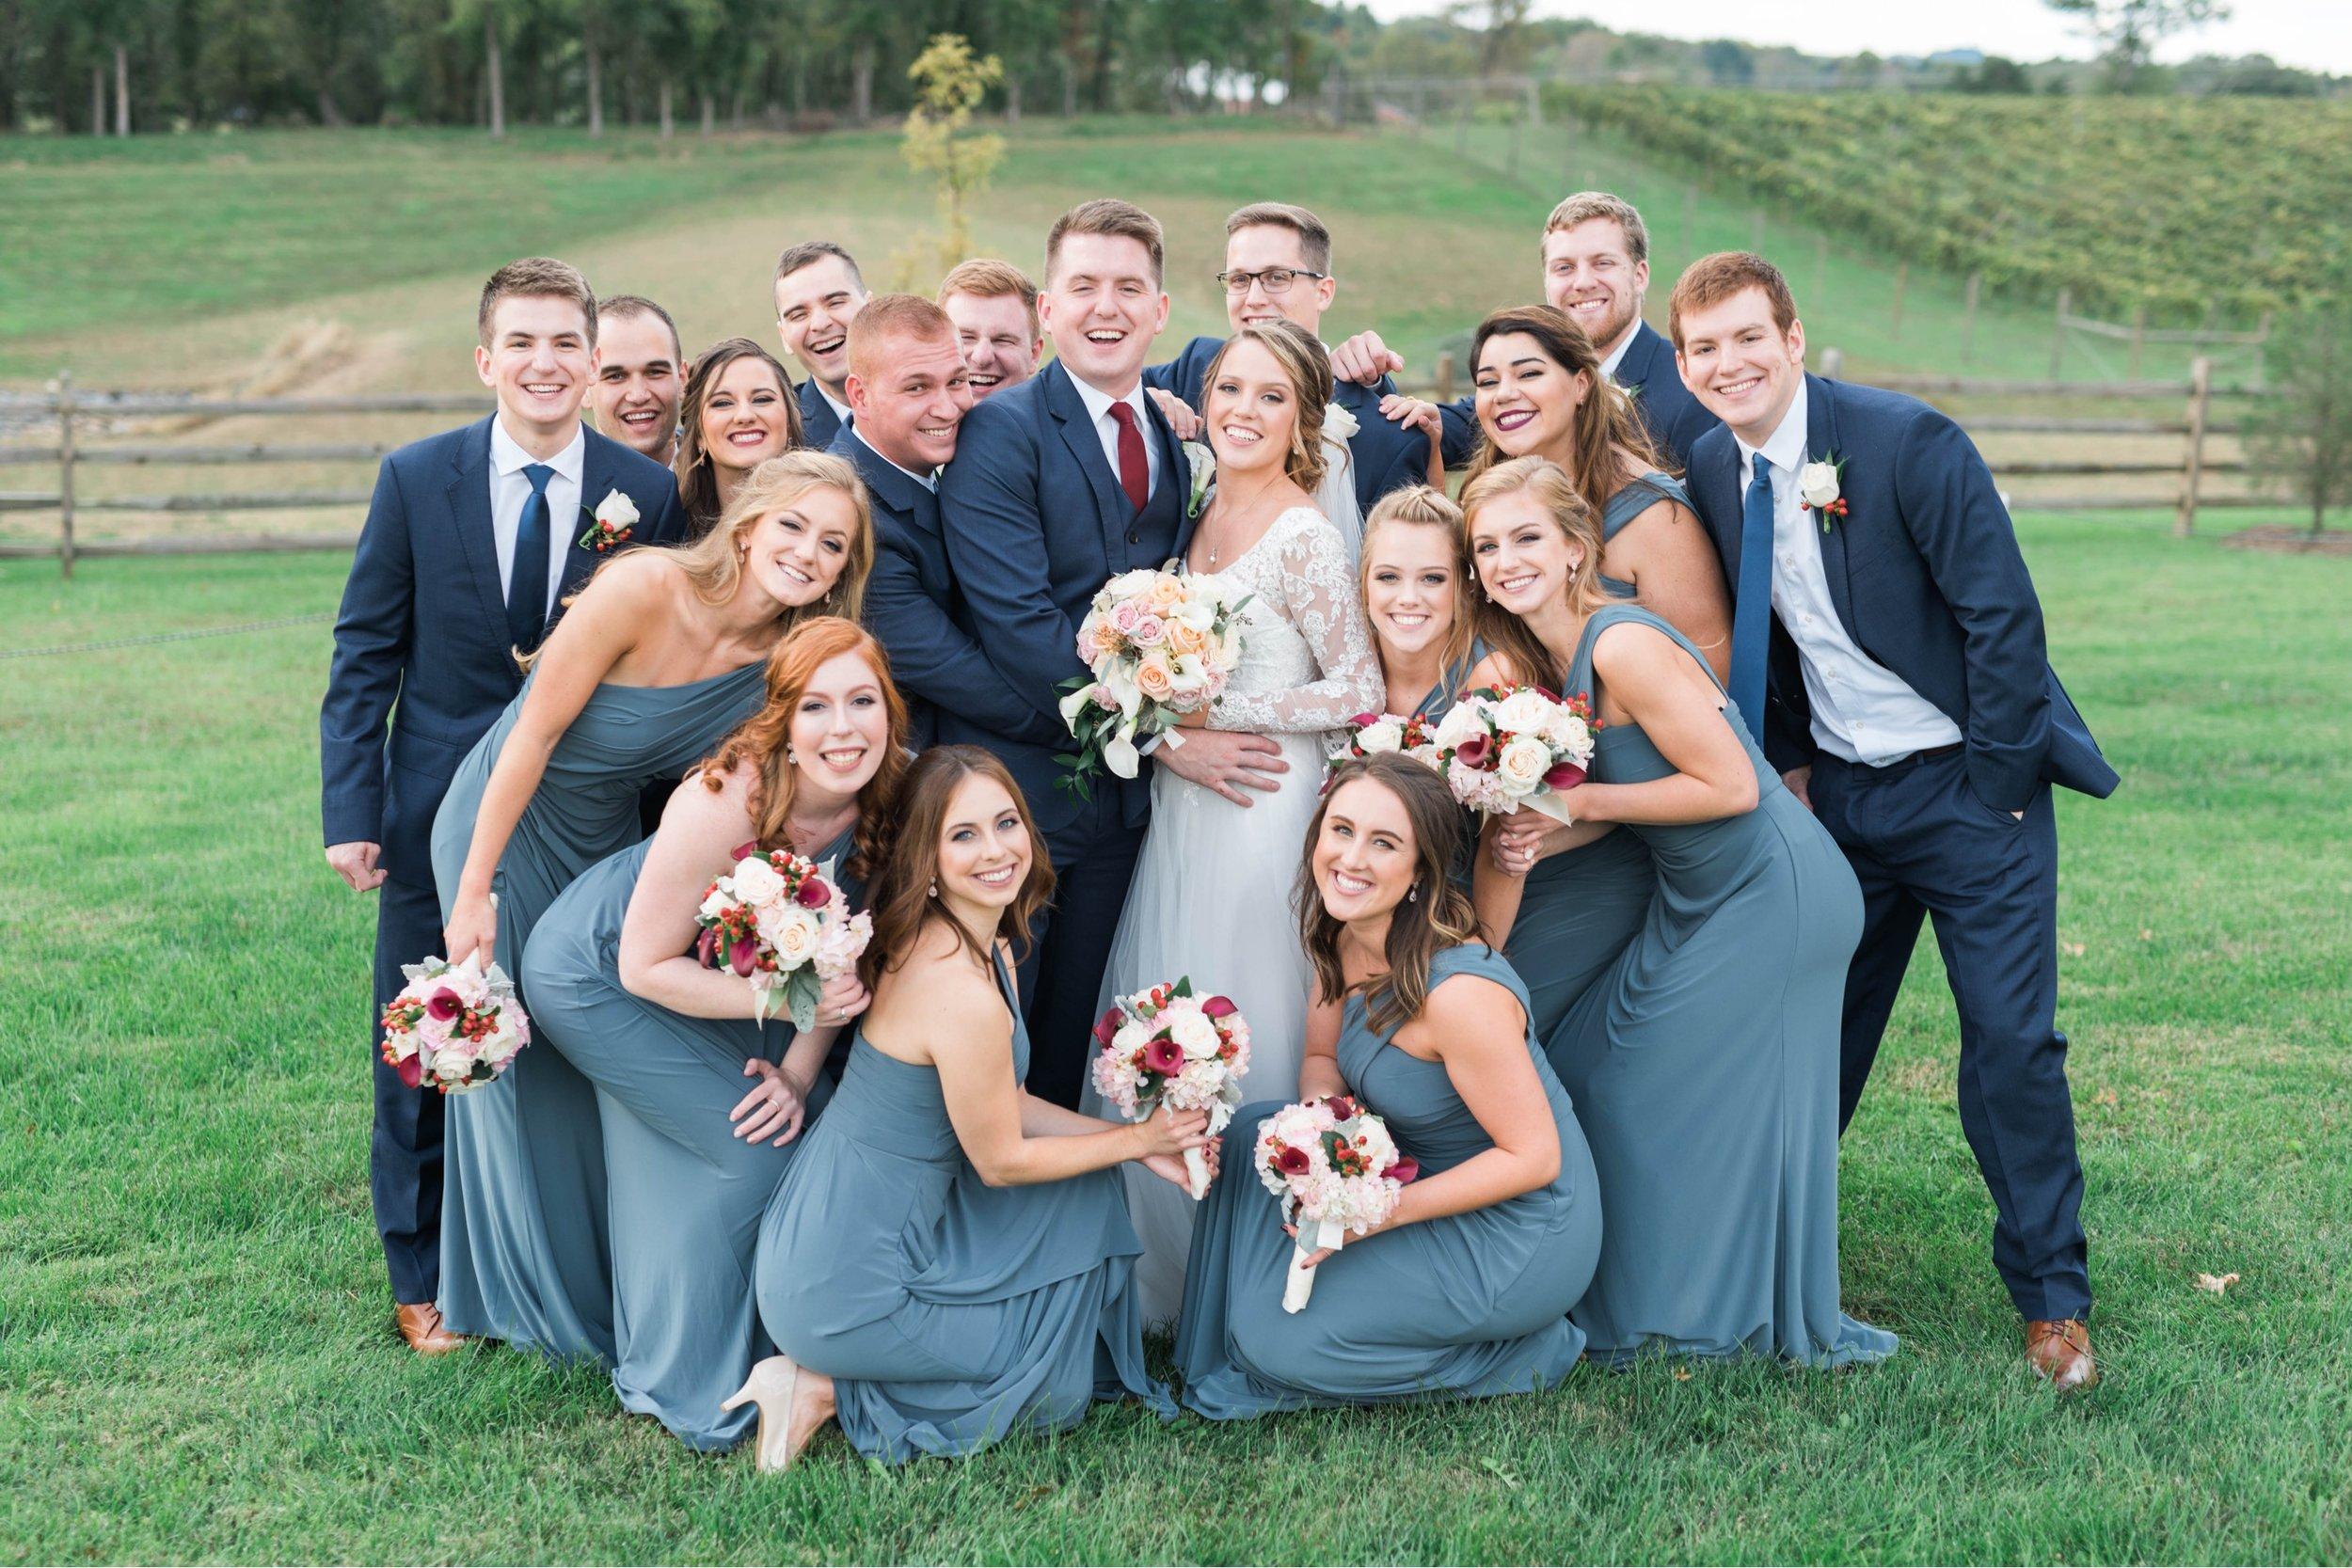 GrantElizabeth_wineryatbullrun_DCwedding_Virginiaweddingphotographer 45.jpg